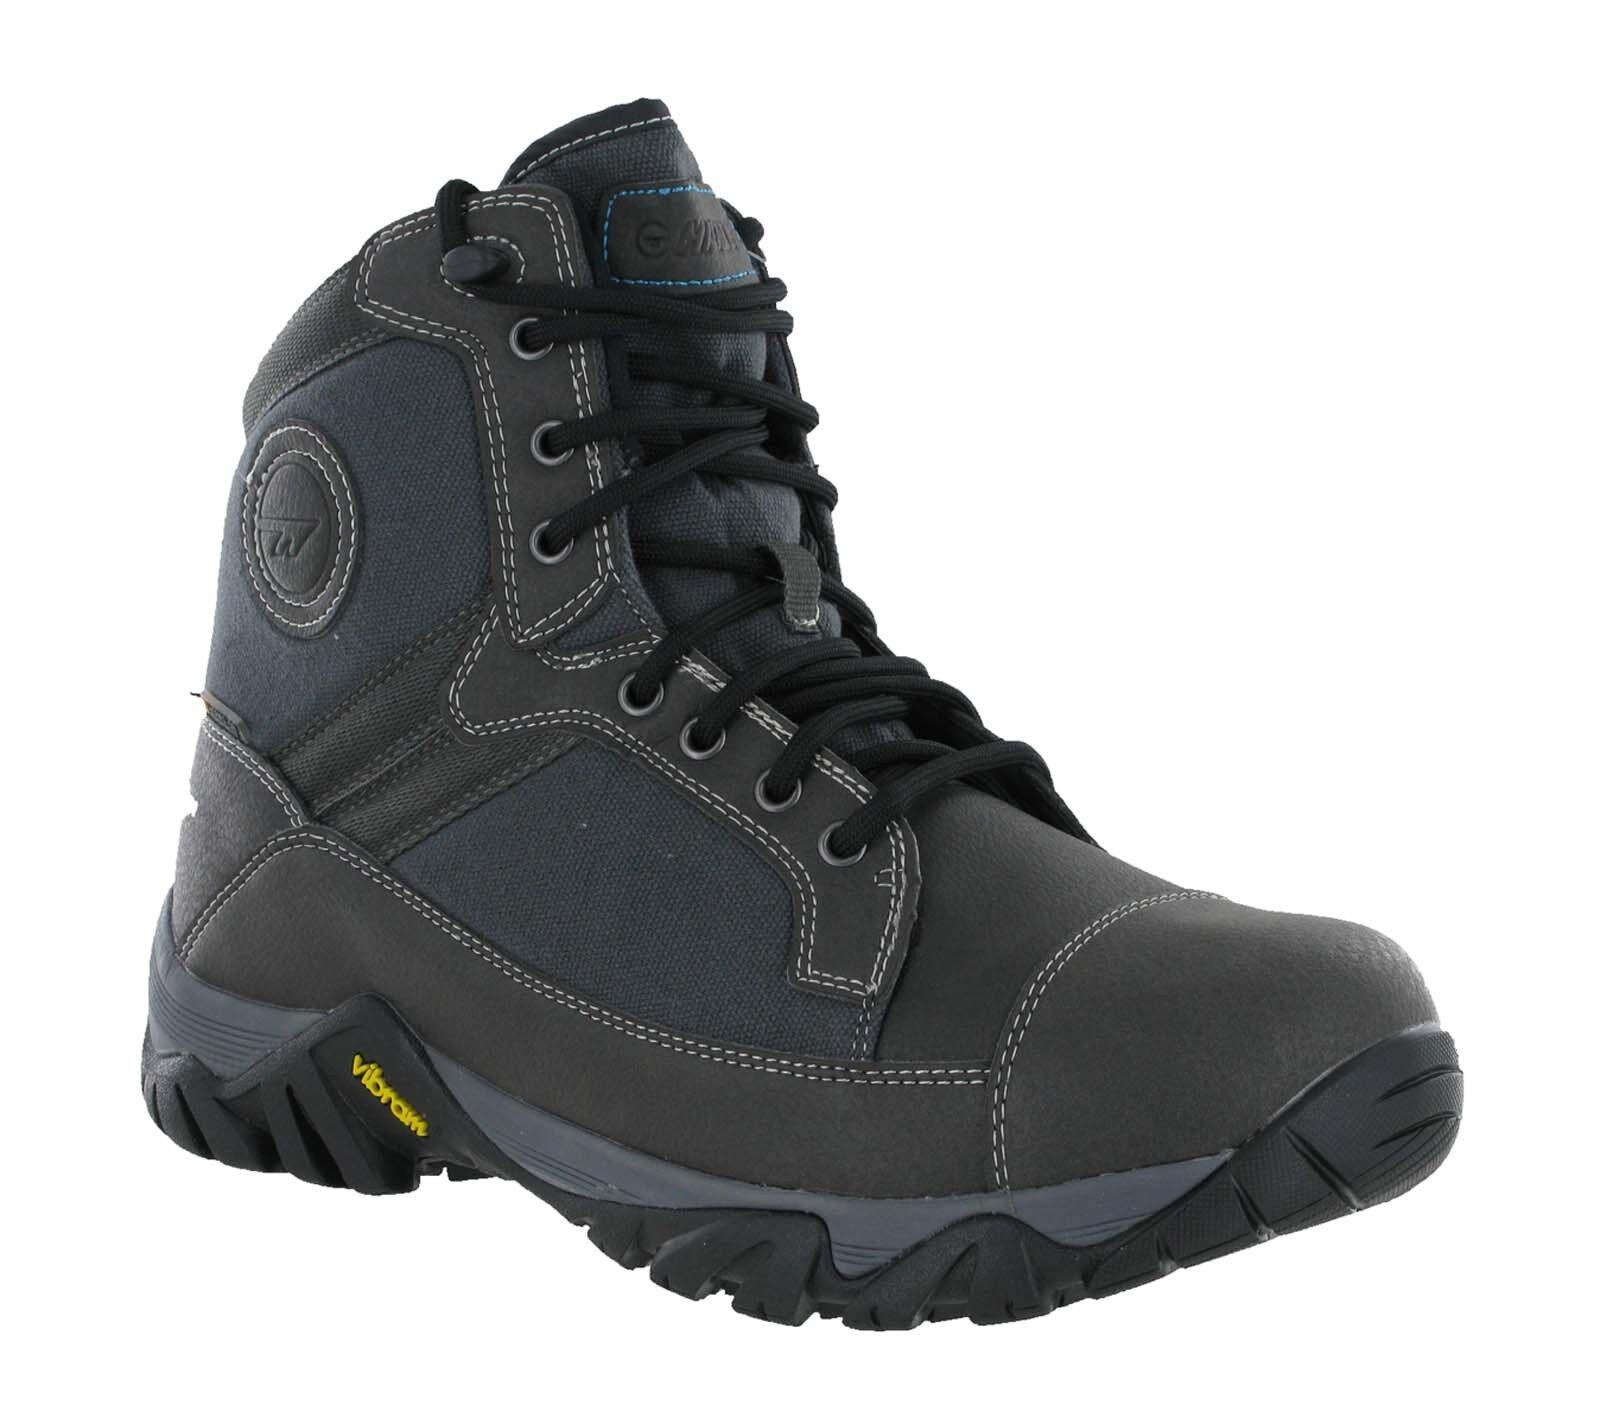 Hi-Tec Trooper 200 Walking I Insulated Winter Warm Walking 200 Snow Boots Mens 7e850c